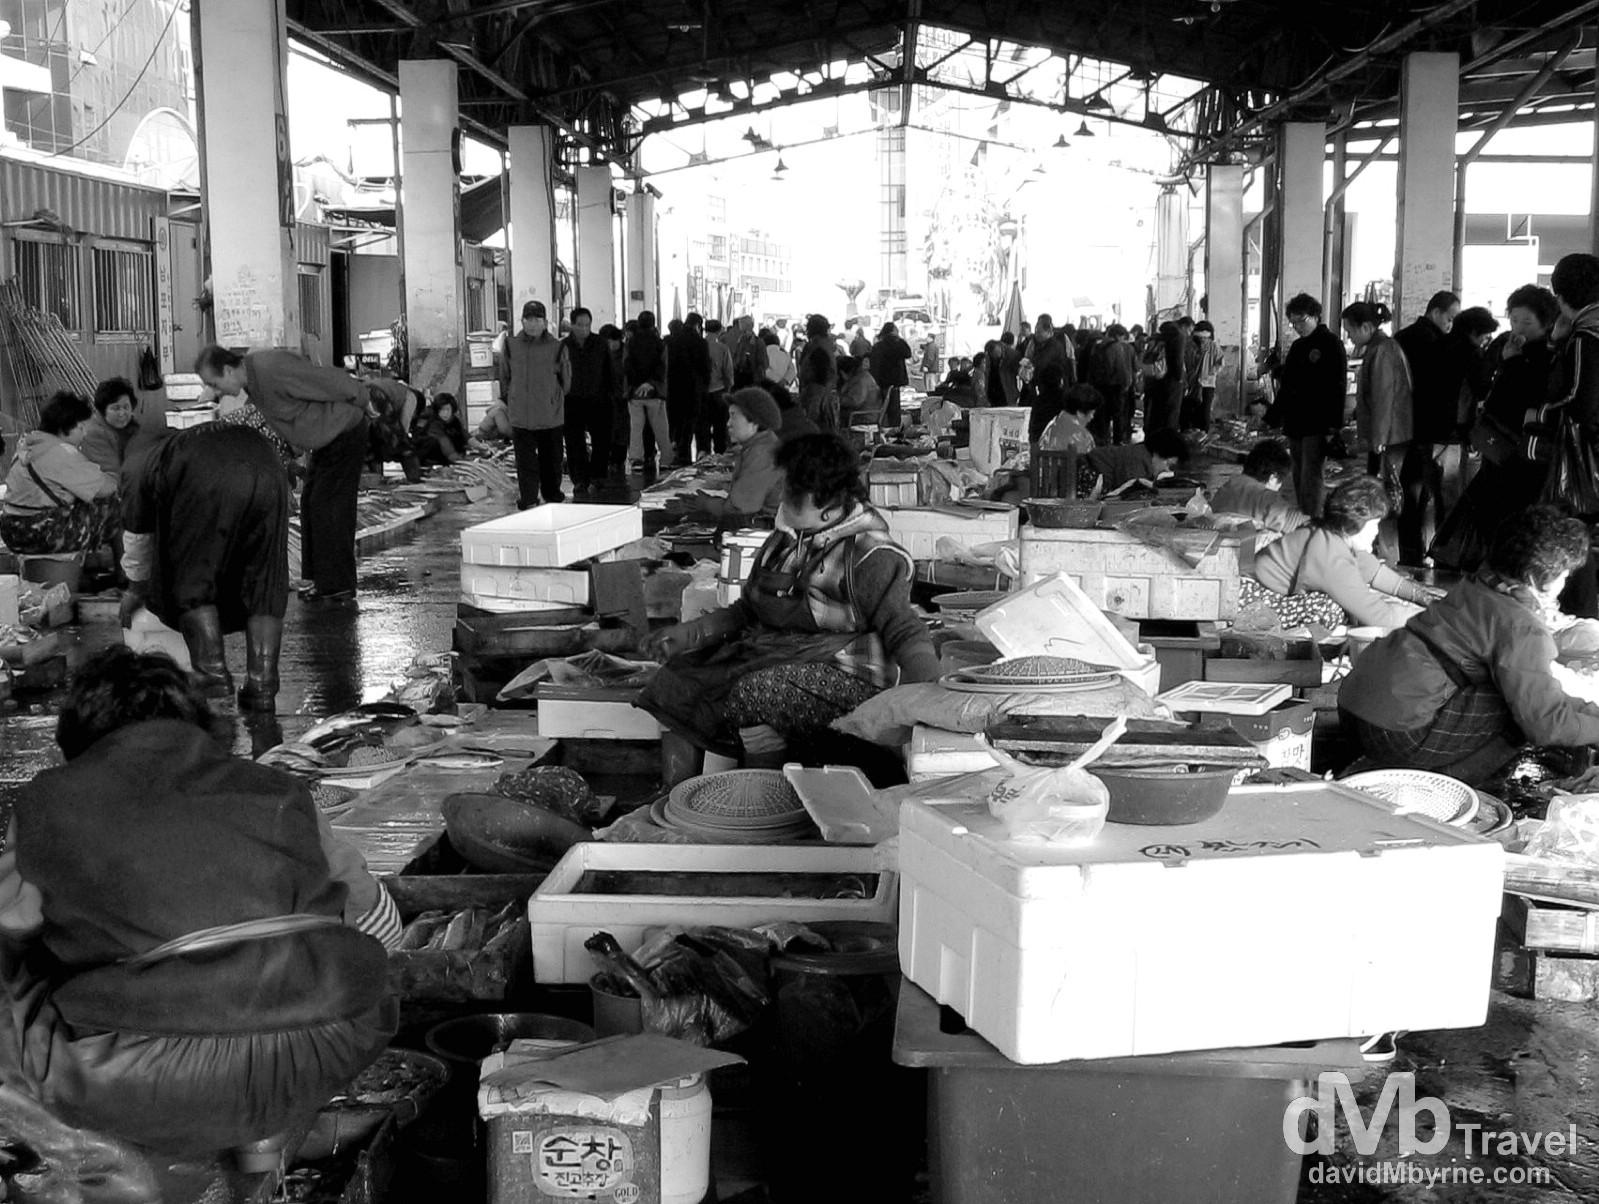 Jagalchi Fish Market, Busan, South Korea. November 23rd, 2007.